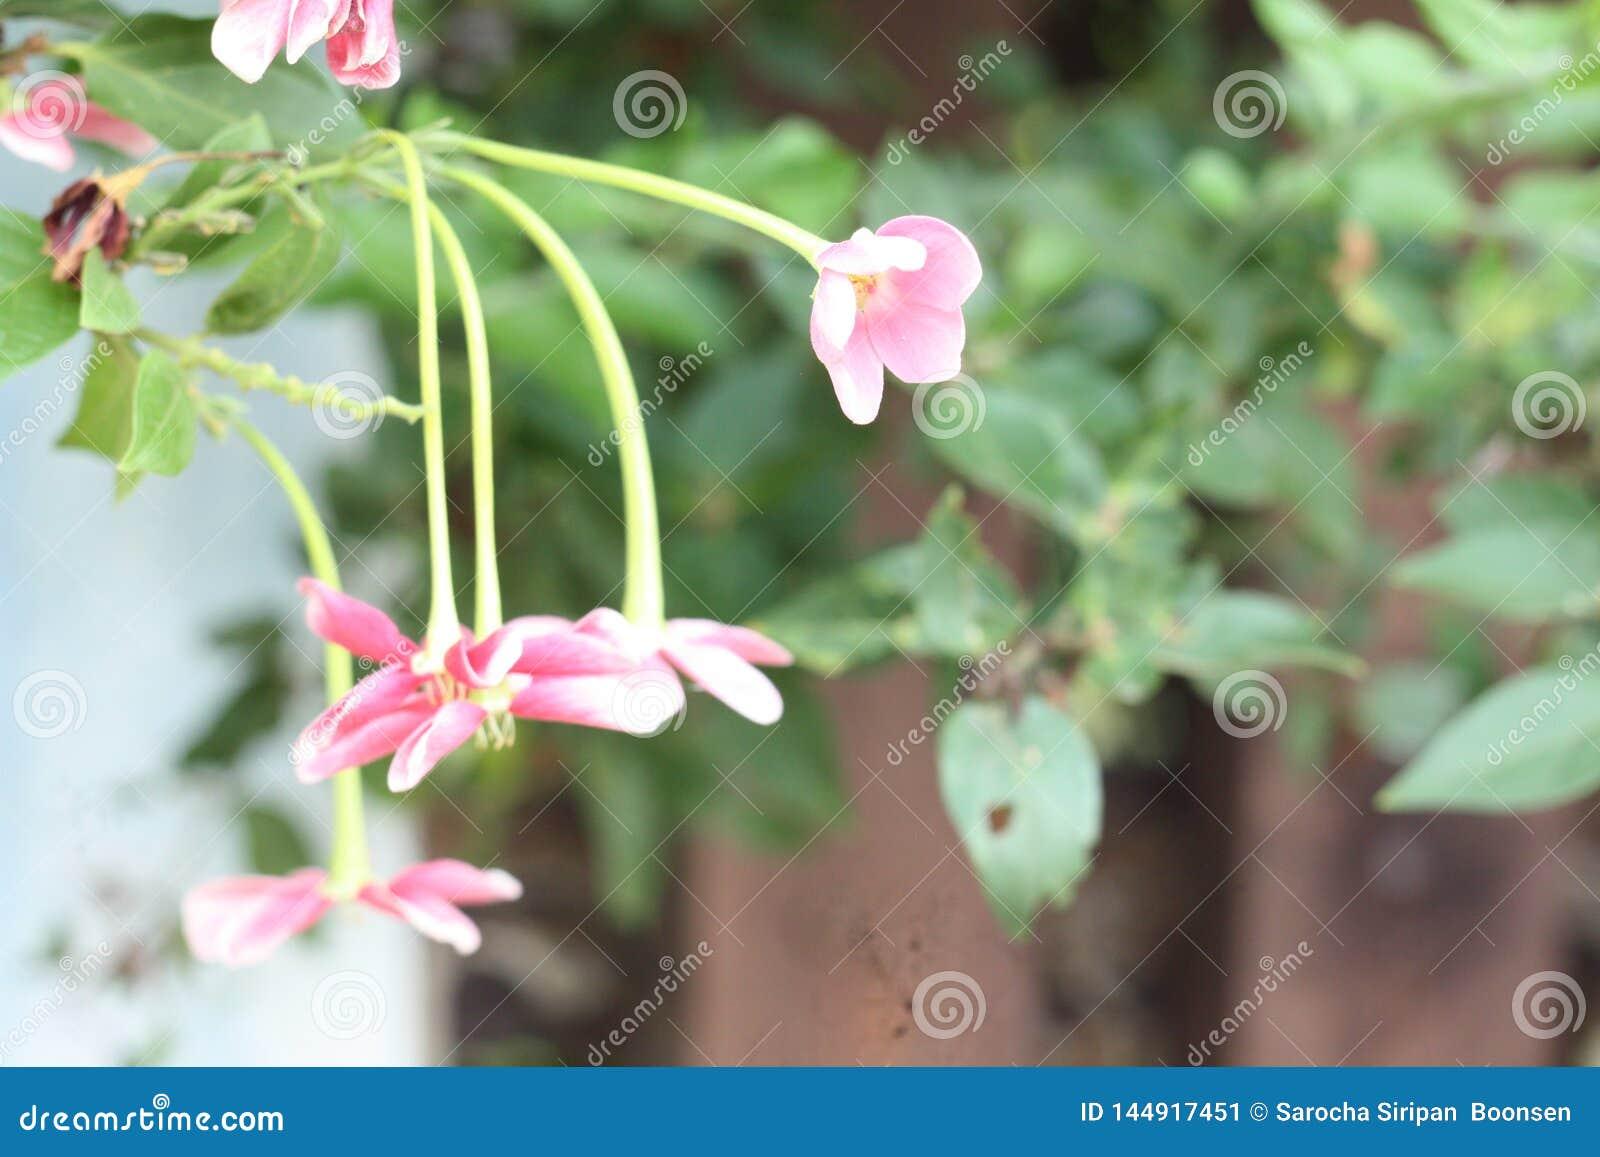 Nahes hohes Bild von Blumen eines erstaunlichen schönen chinesischen Geißblattes